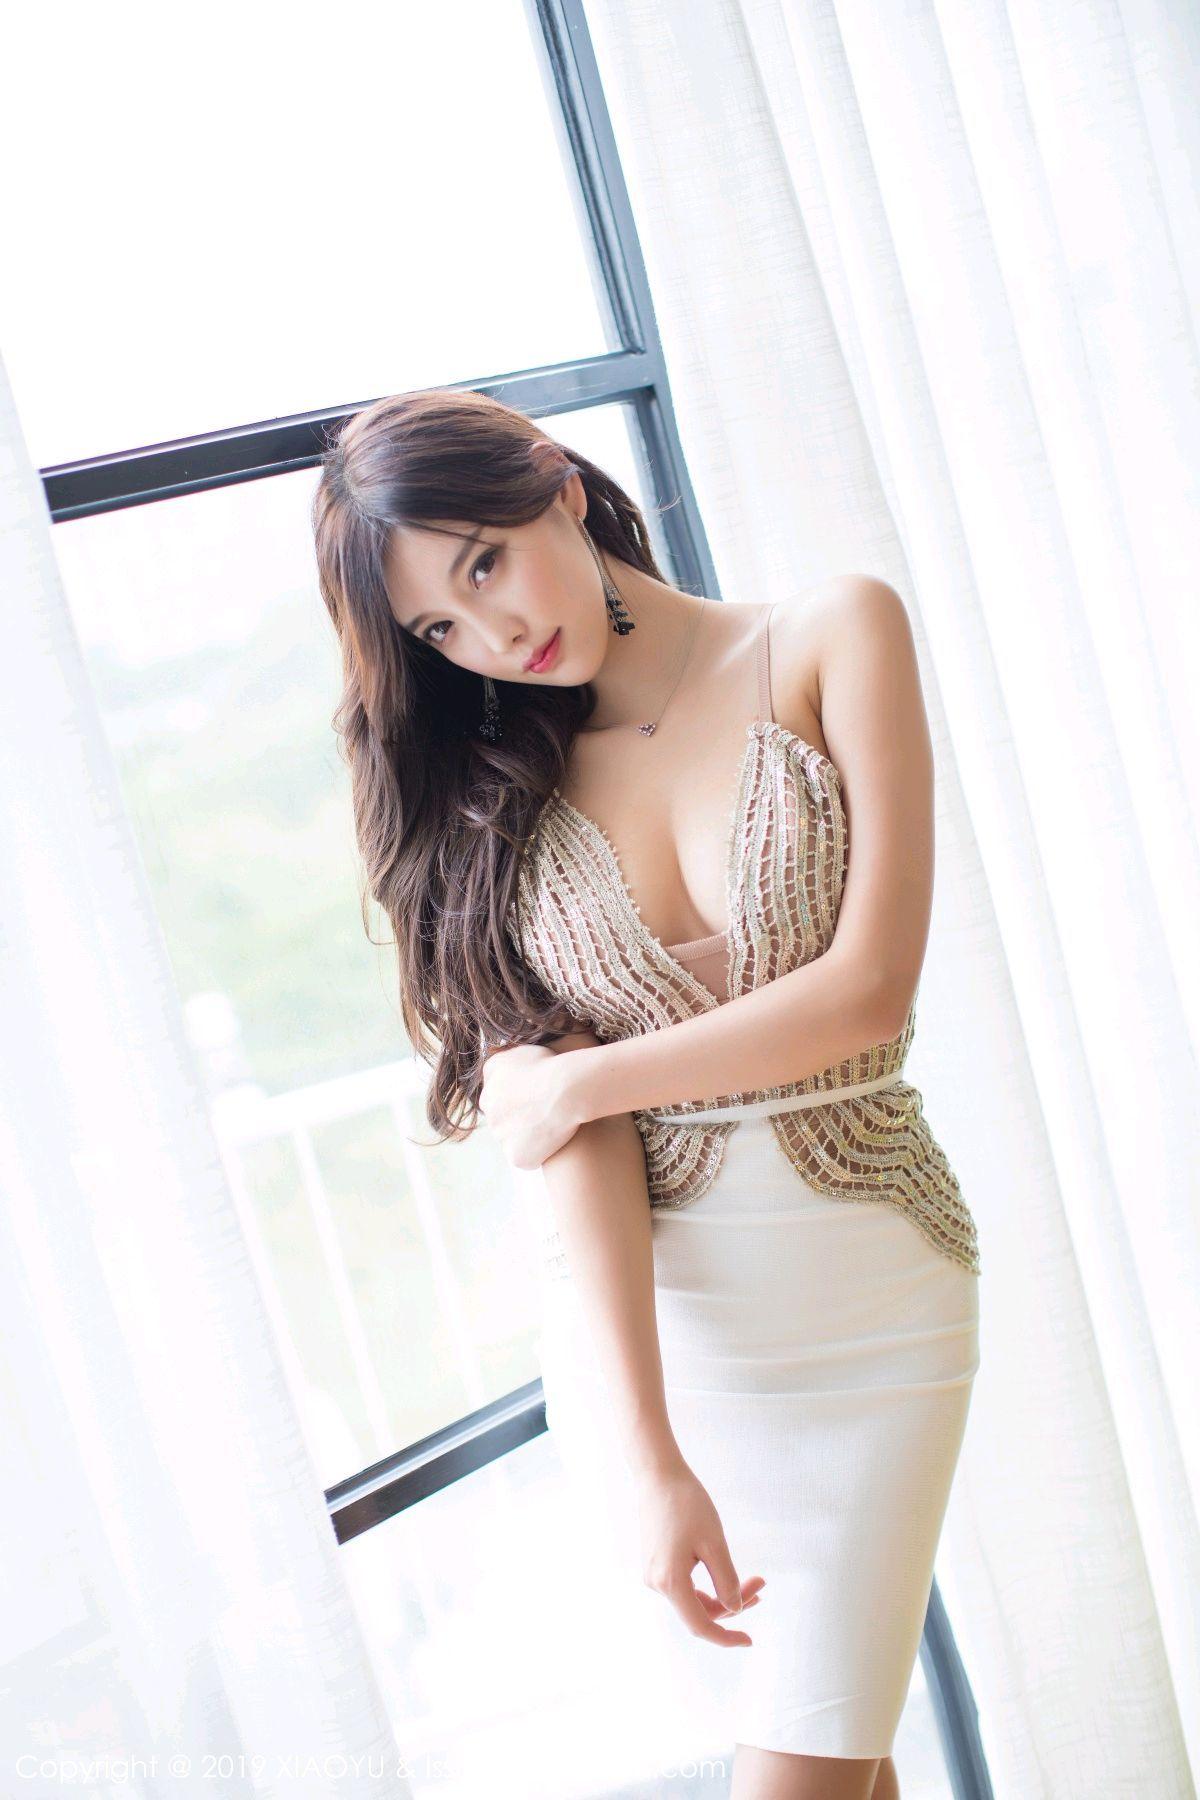 [XiaoYu] Vol.010 Yang Chen Chen 1P, Tall, XiaoYu, Yang Chen Chen